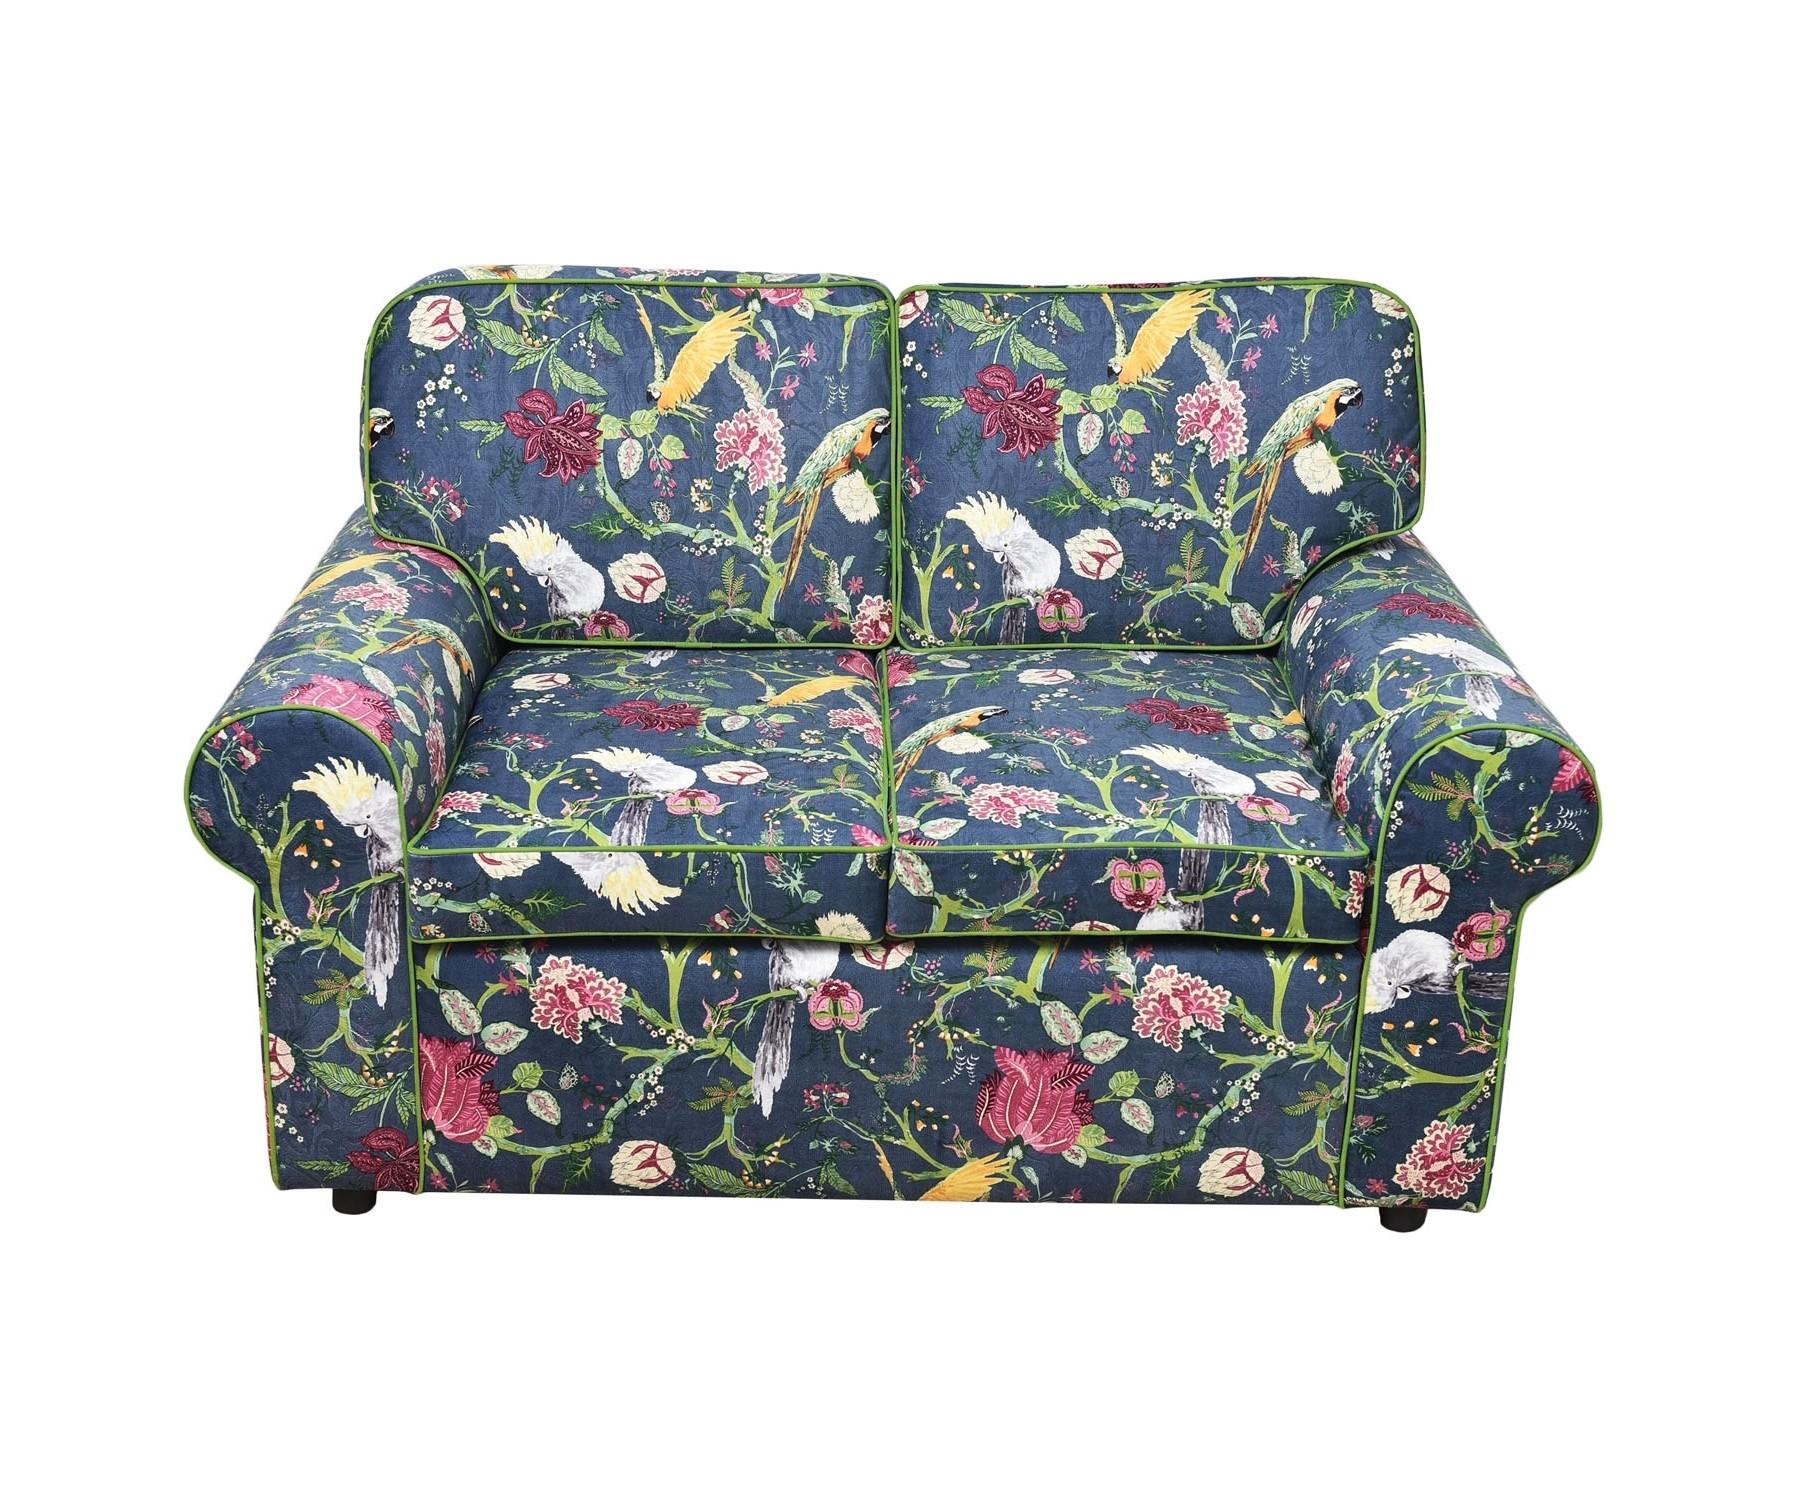 ДиванДвухместные диваны<br>Каркасный  диван оригинального дизайна станет не только выделяющимся, но и комфортным акцентом в вашем интрерьере.  Диван статнет незаменимым предметом декора или функциональной мебелью. А эксклюзивные ткани добавят изюминку в ваше пространство.<br><br>Material: Текстиль<br>Length см: None<br>Width см: 150<br>Depth см: 90<br>Height см: 90